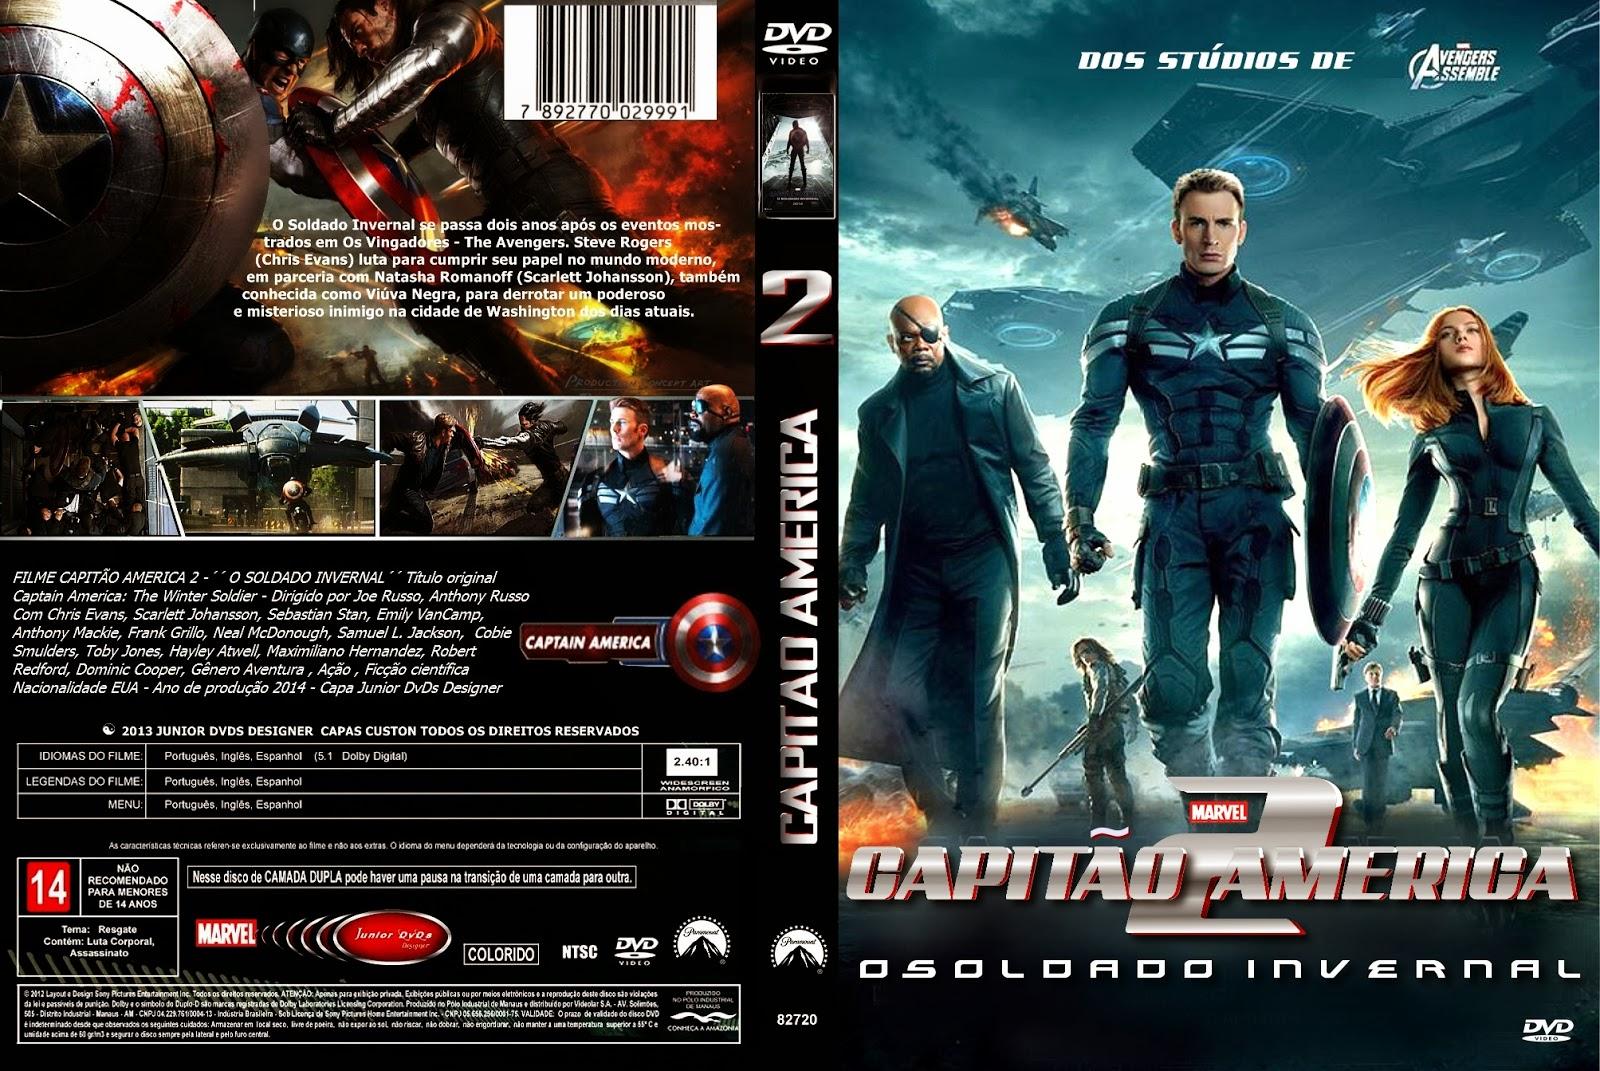 Filmes Russos for junior dvds : capa do filme capiÃo america 2 - capa 3 - junior